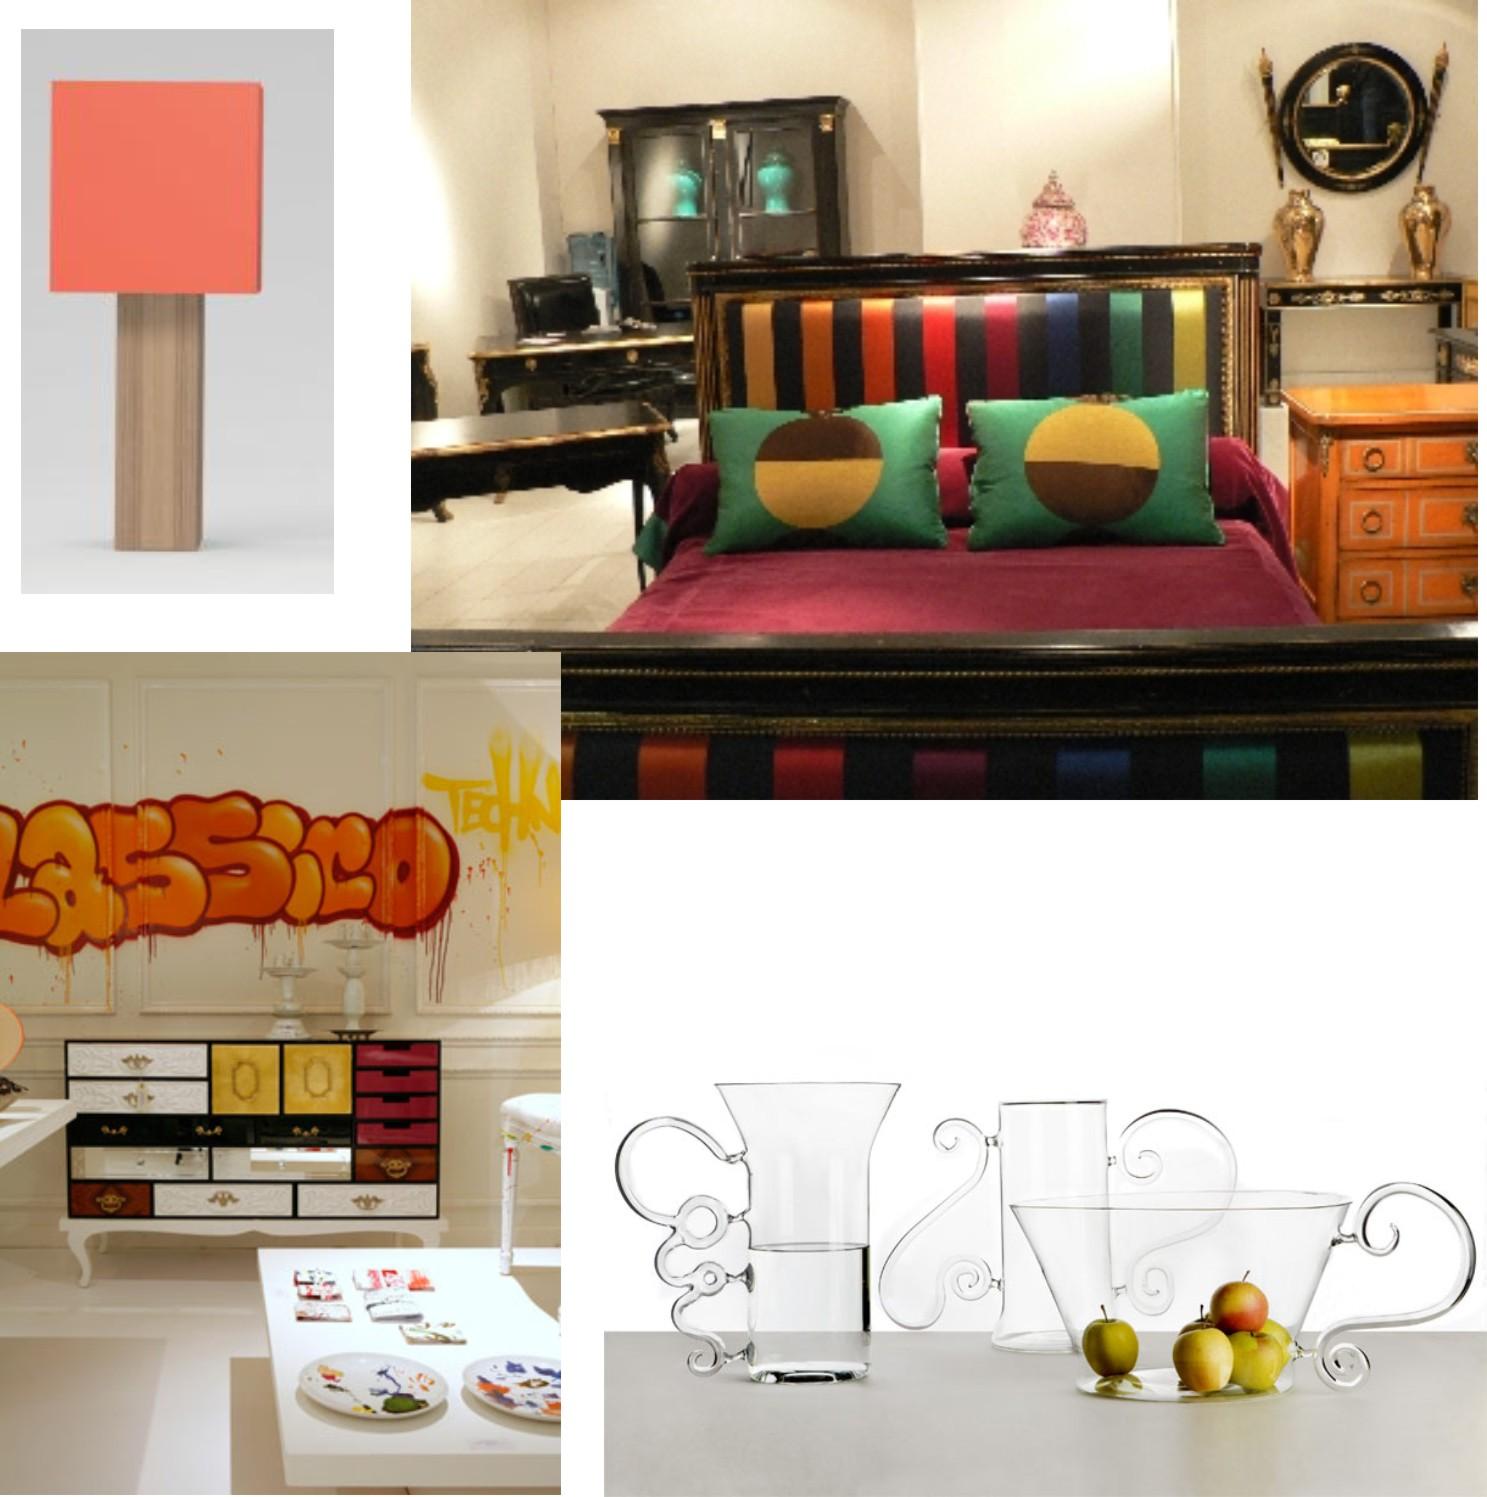 casacombo maison et objet. Black Bedroom Furniture Sets. Home Design Ideas